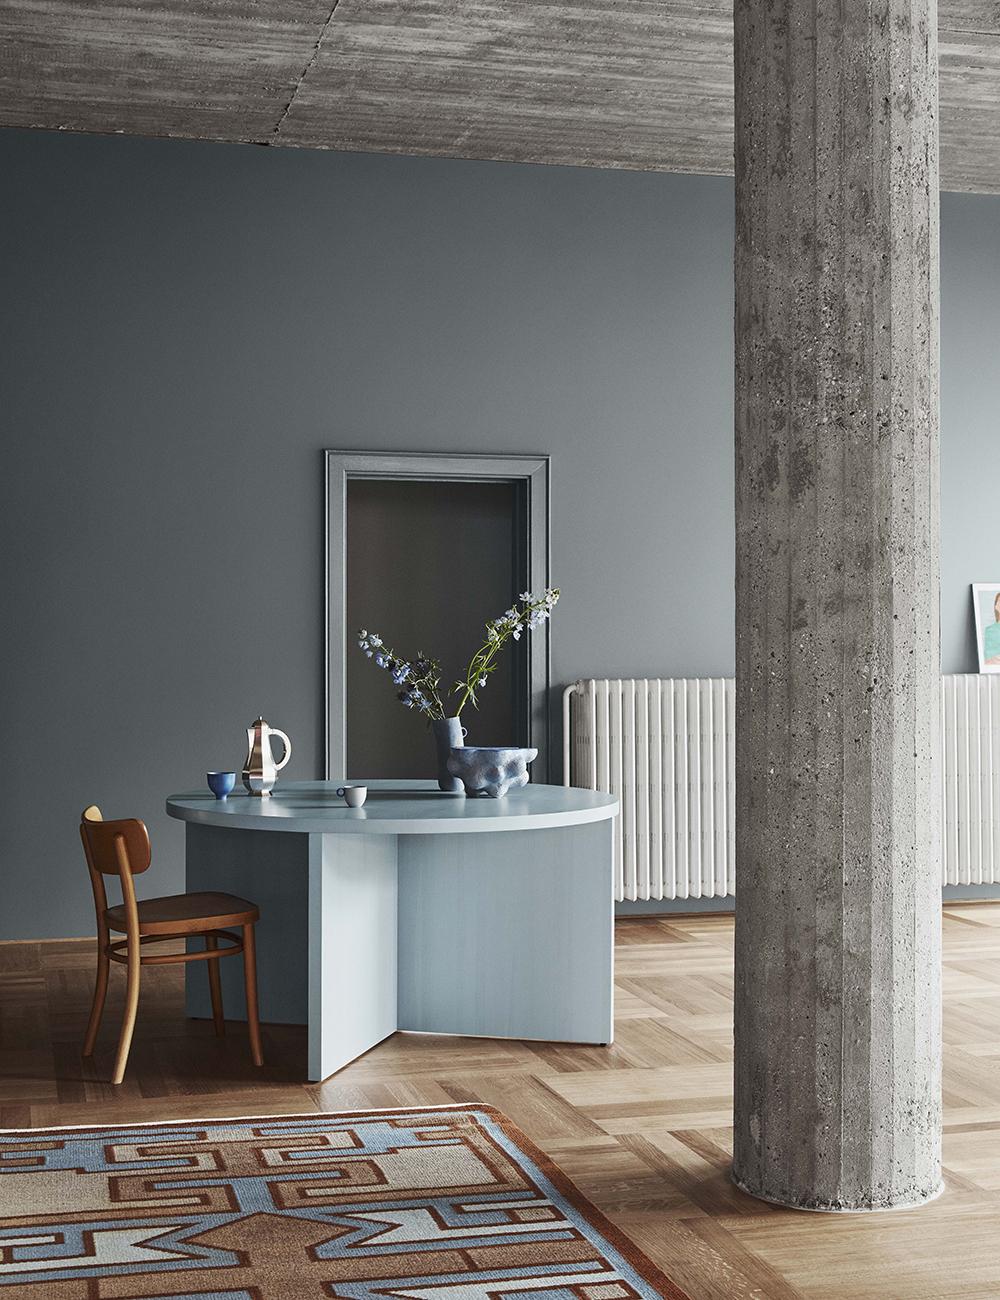 Blågrön väggfärg från Jotun - 5490 Serene Blue